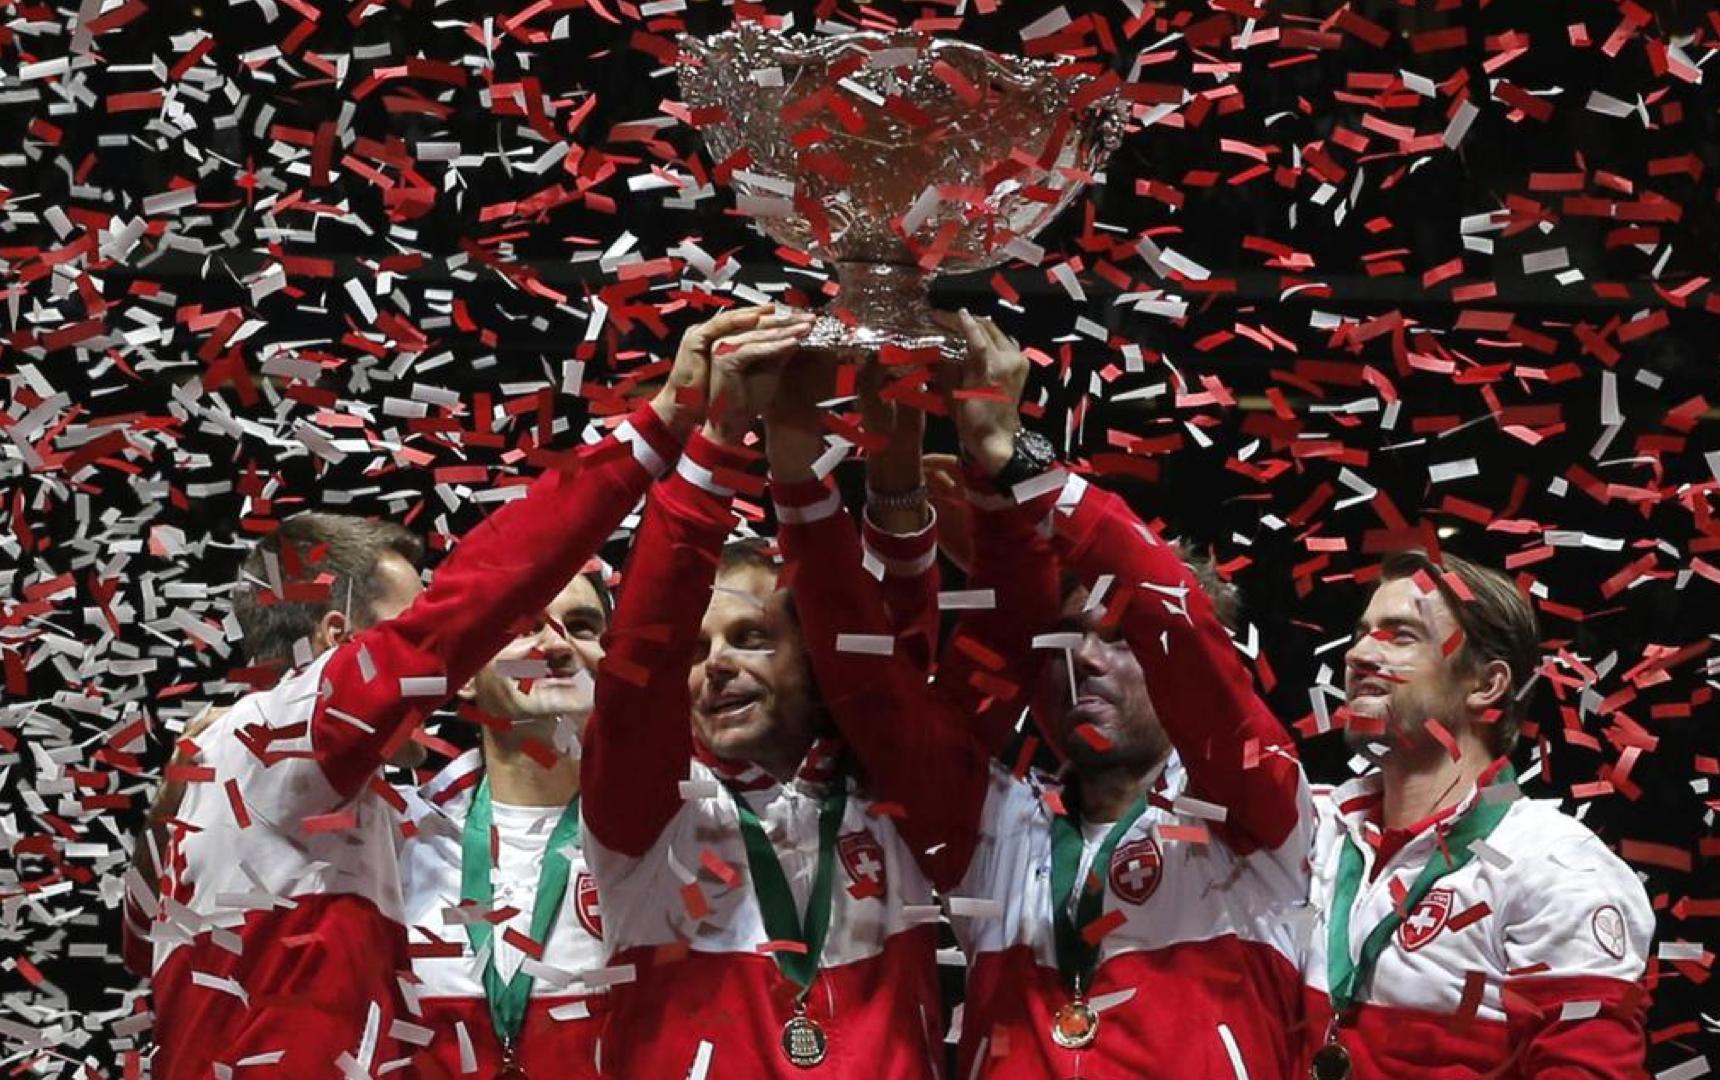 federer_2014_daviscup_final_79